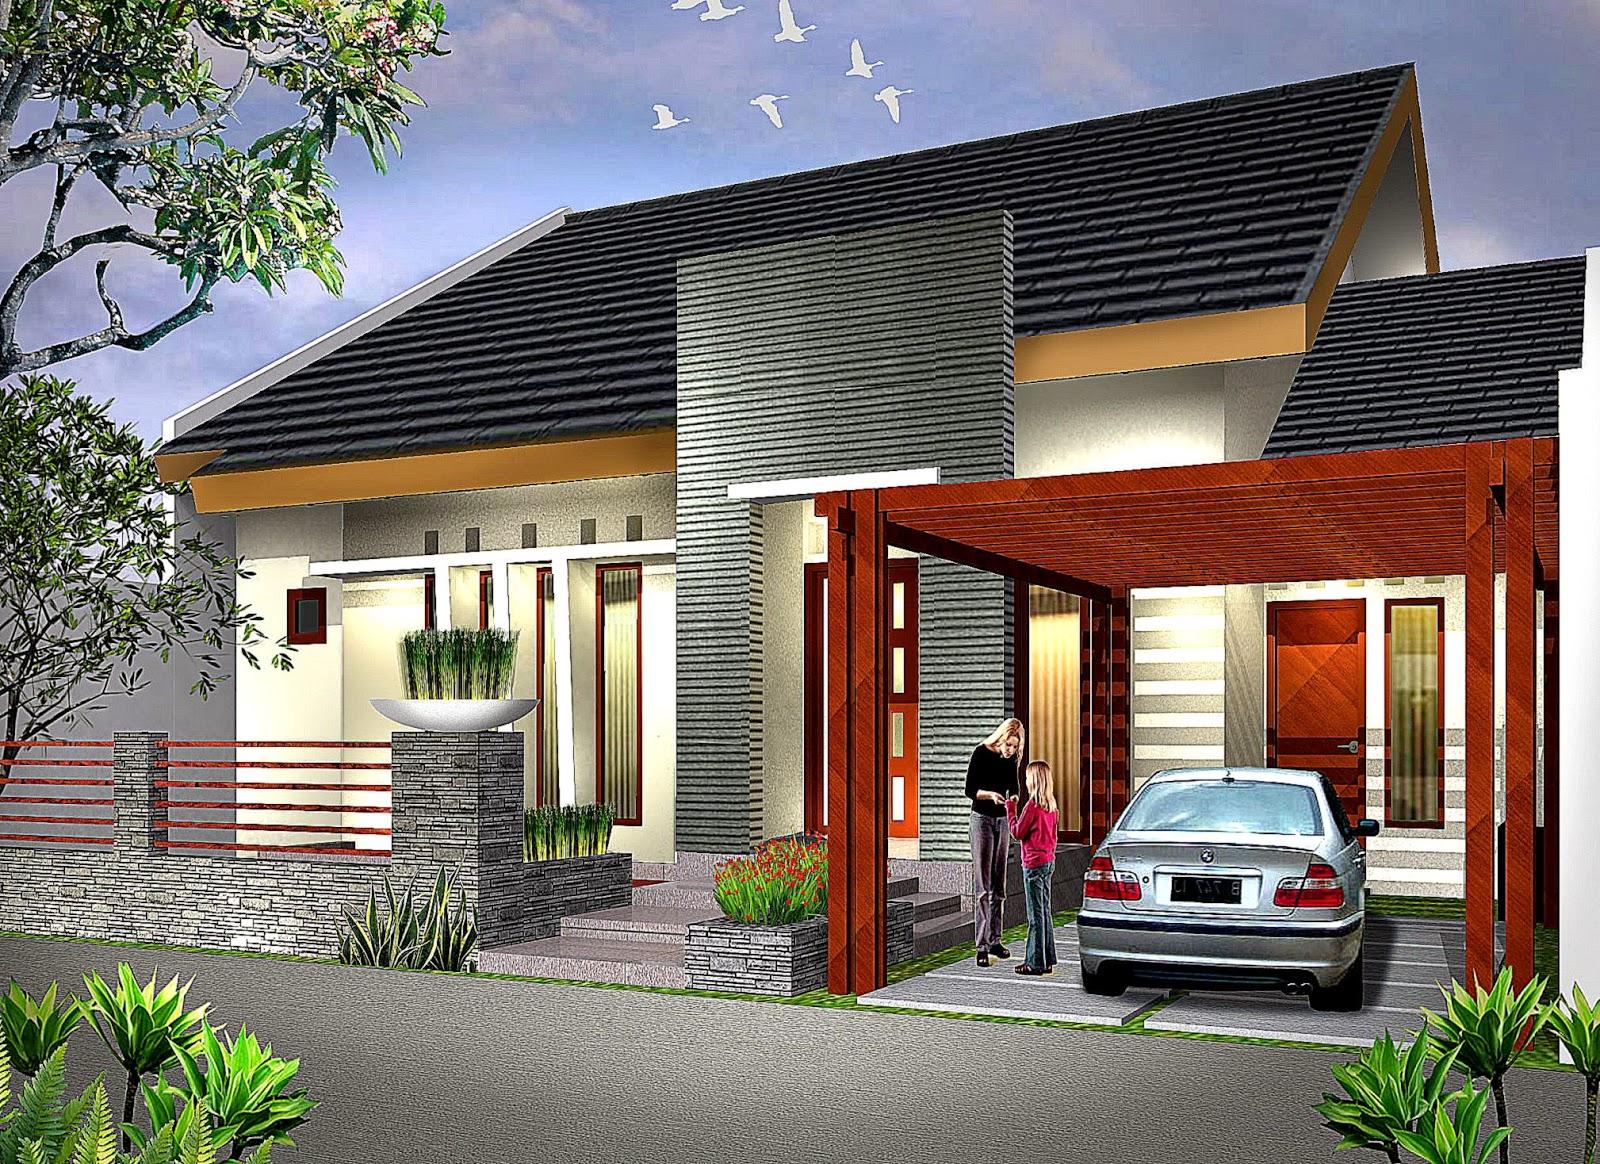 Desain Ruangan Rumah Minimalis Type  Desain Rumah Unik